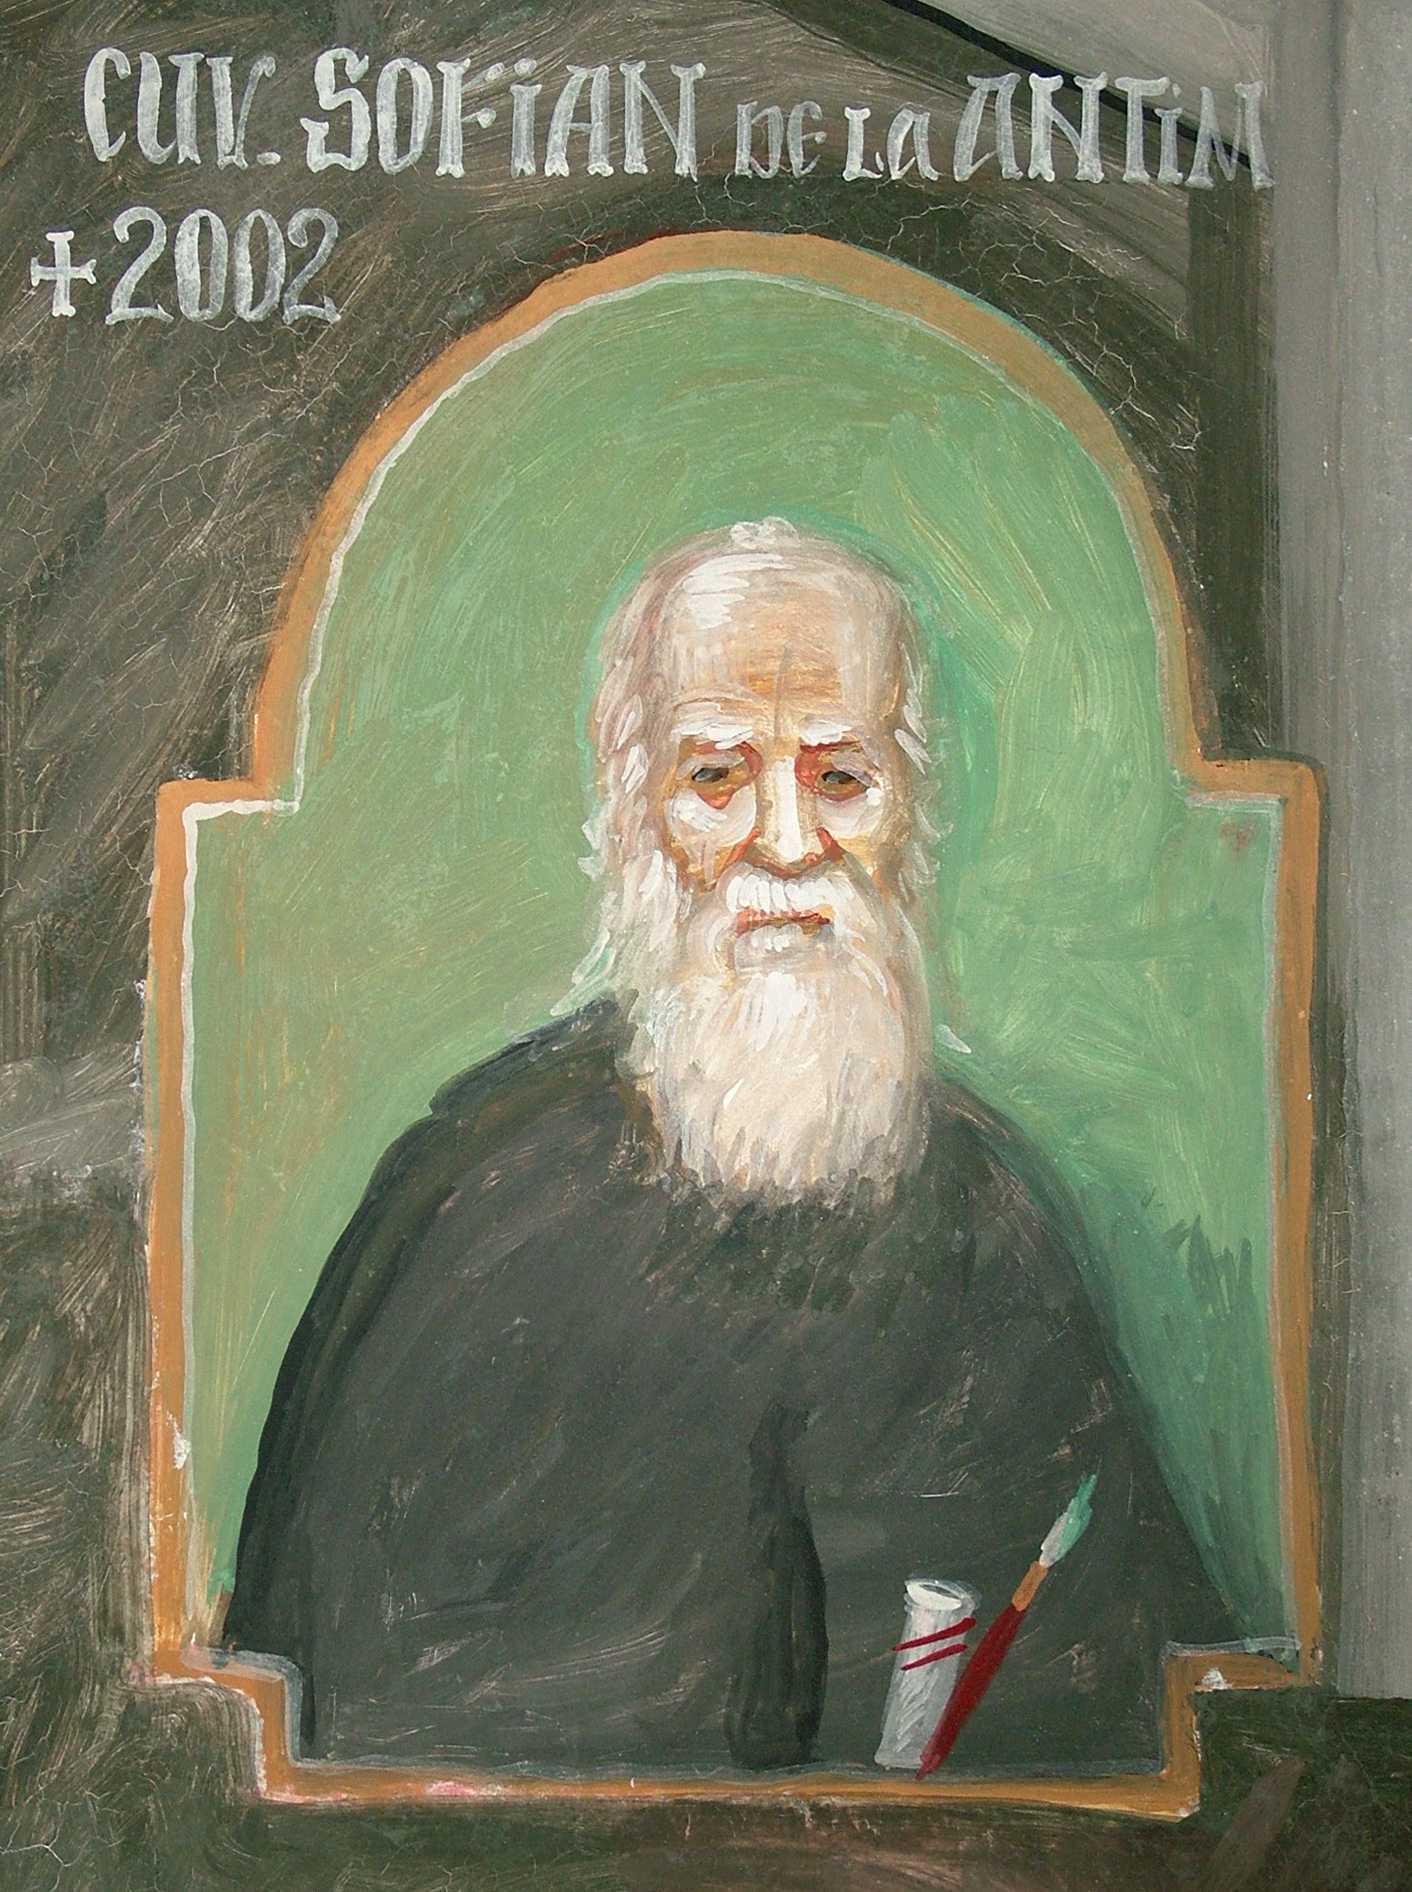 ARHIMANDRITUL SOFIAN de la Mănăstirea Antim († 14 septembrie 2002), PARINTELE ECHILIBRULUI, MUNTELE DE BLANDETE IMBRACAT IN LUMINA: <i>&#8220;Trecem printr-un moment foarte dificil din multe puncte de vedere și avem nevoie de un anumit echilibru, FĂRĂ EXTREME&#8230; Cred că ar trebui să meargă mai multă lume să se roage la mormântul Părintelui Sofian şi să-i ceară ajutorul&#8221;</i>